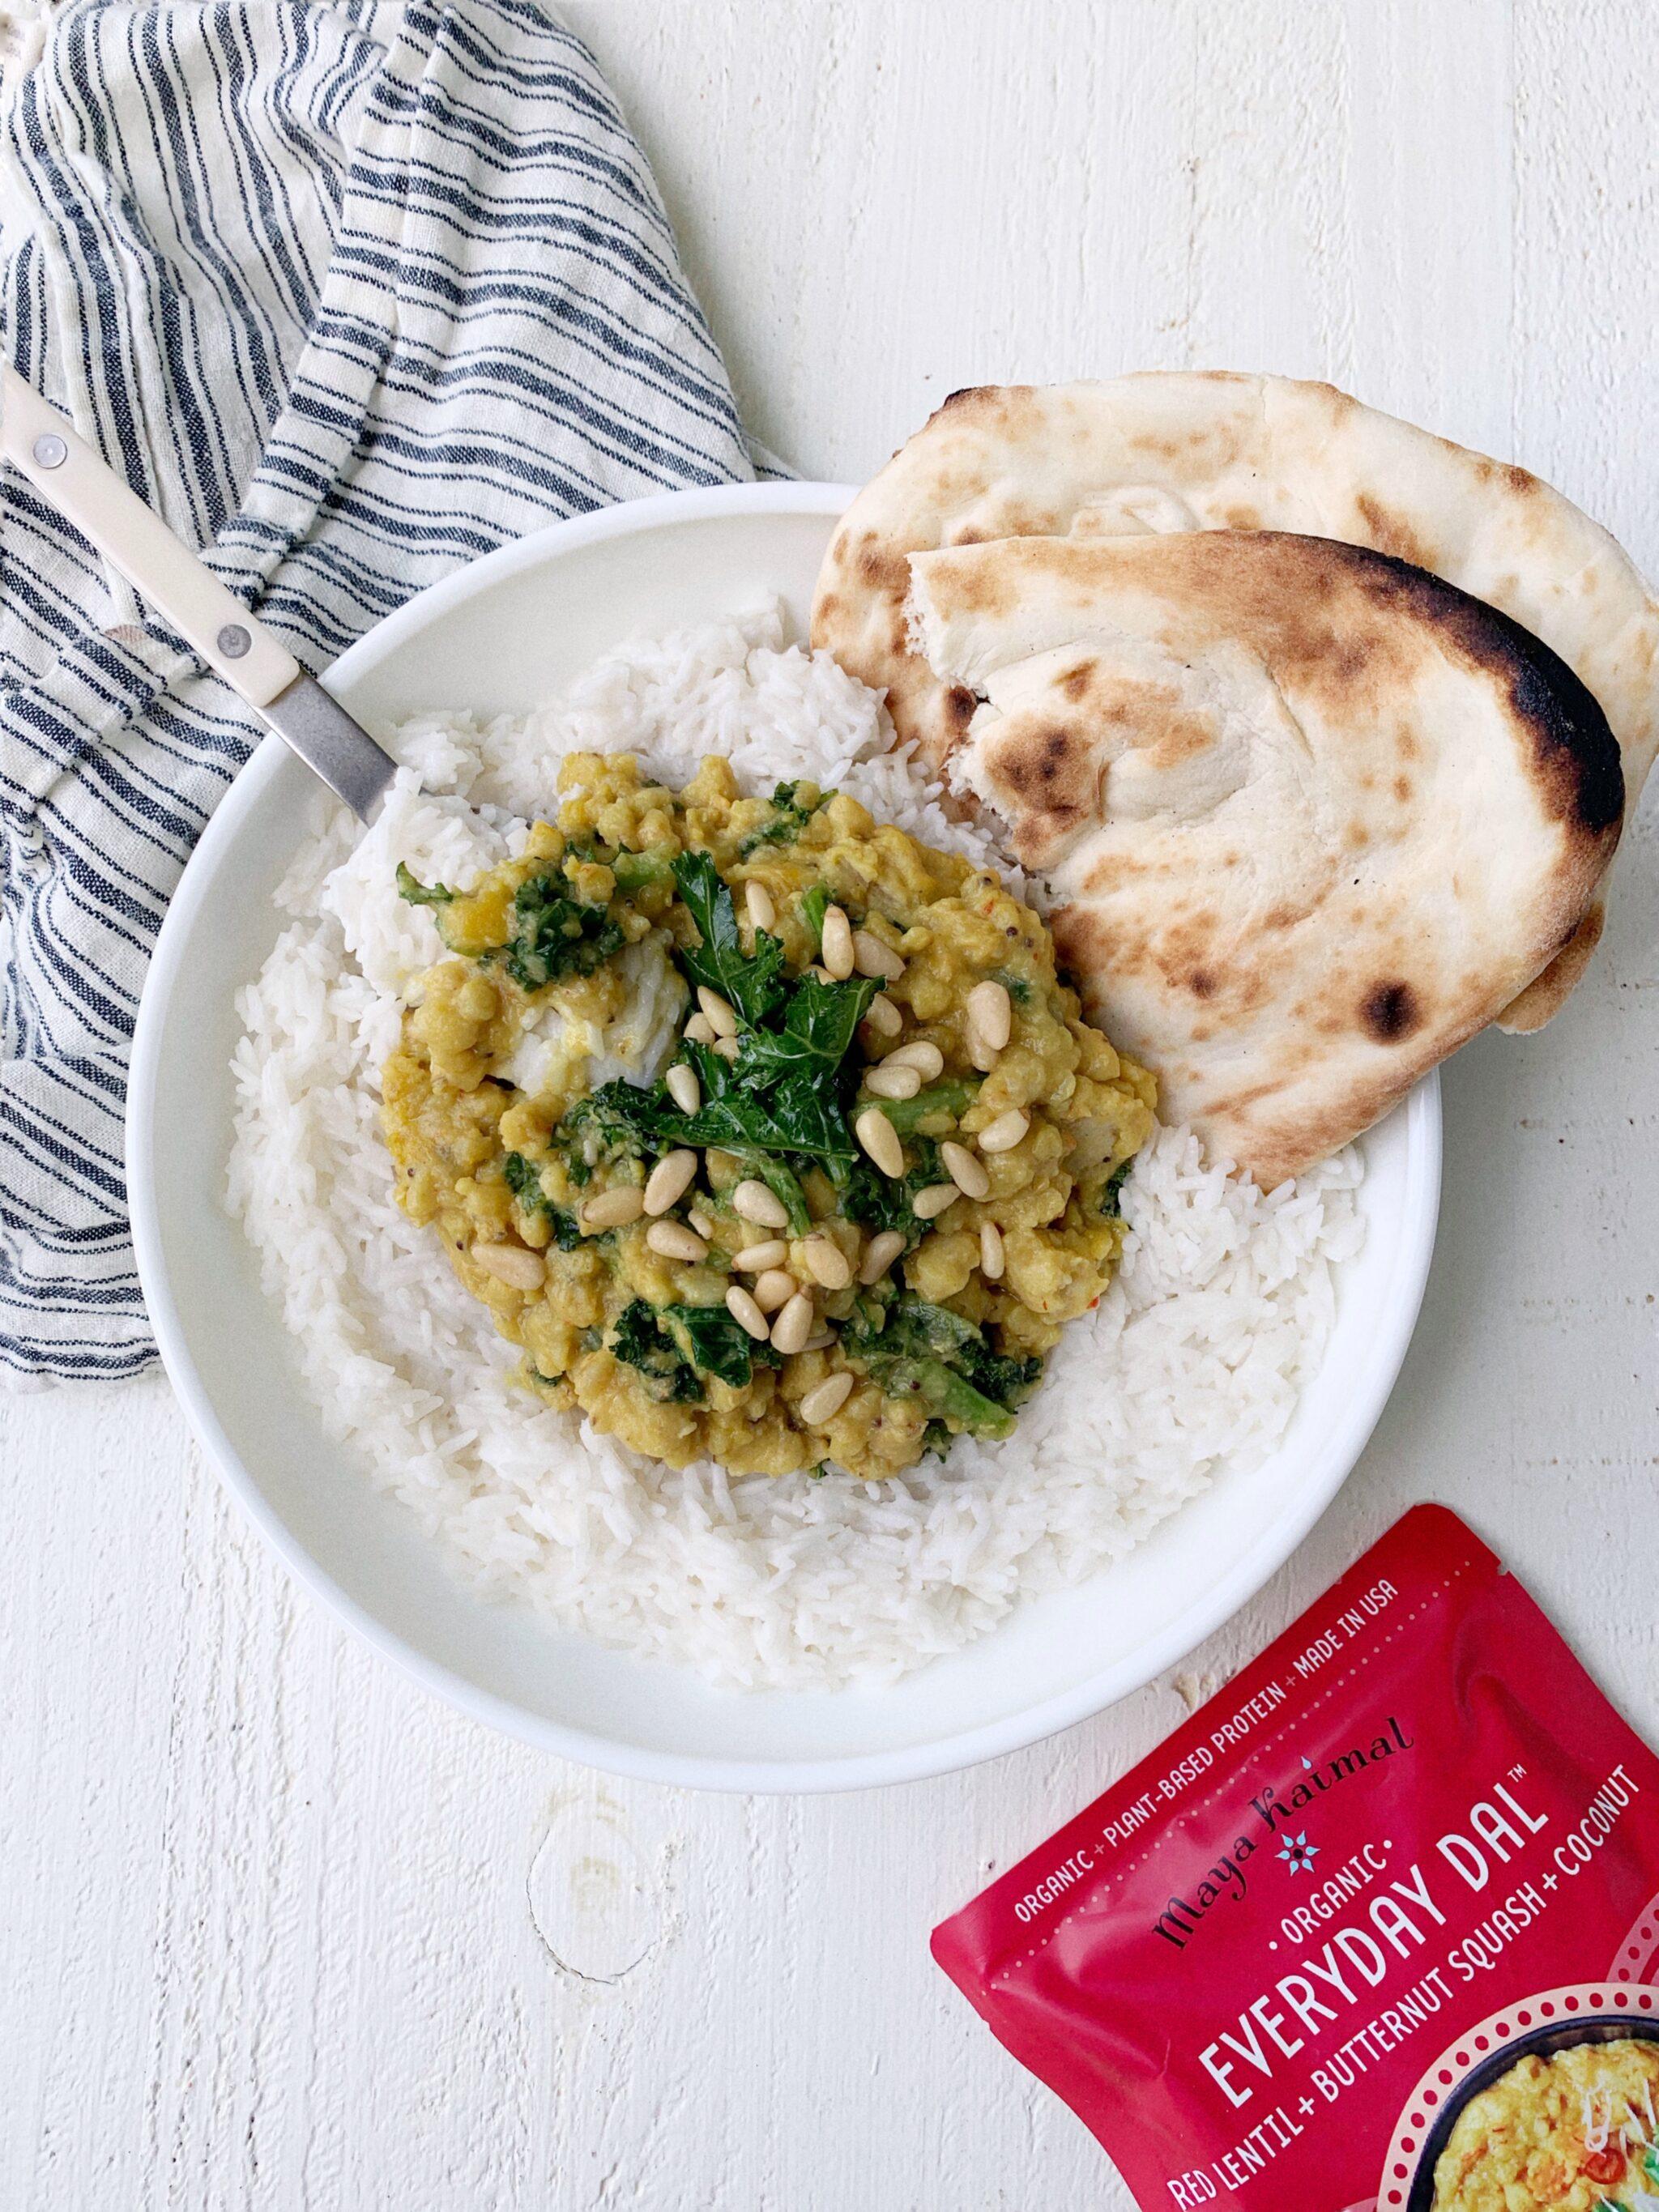 maya kaimal recipe